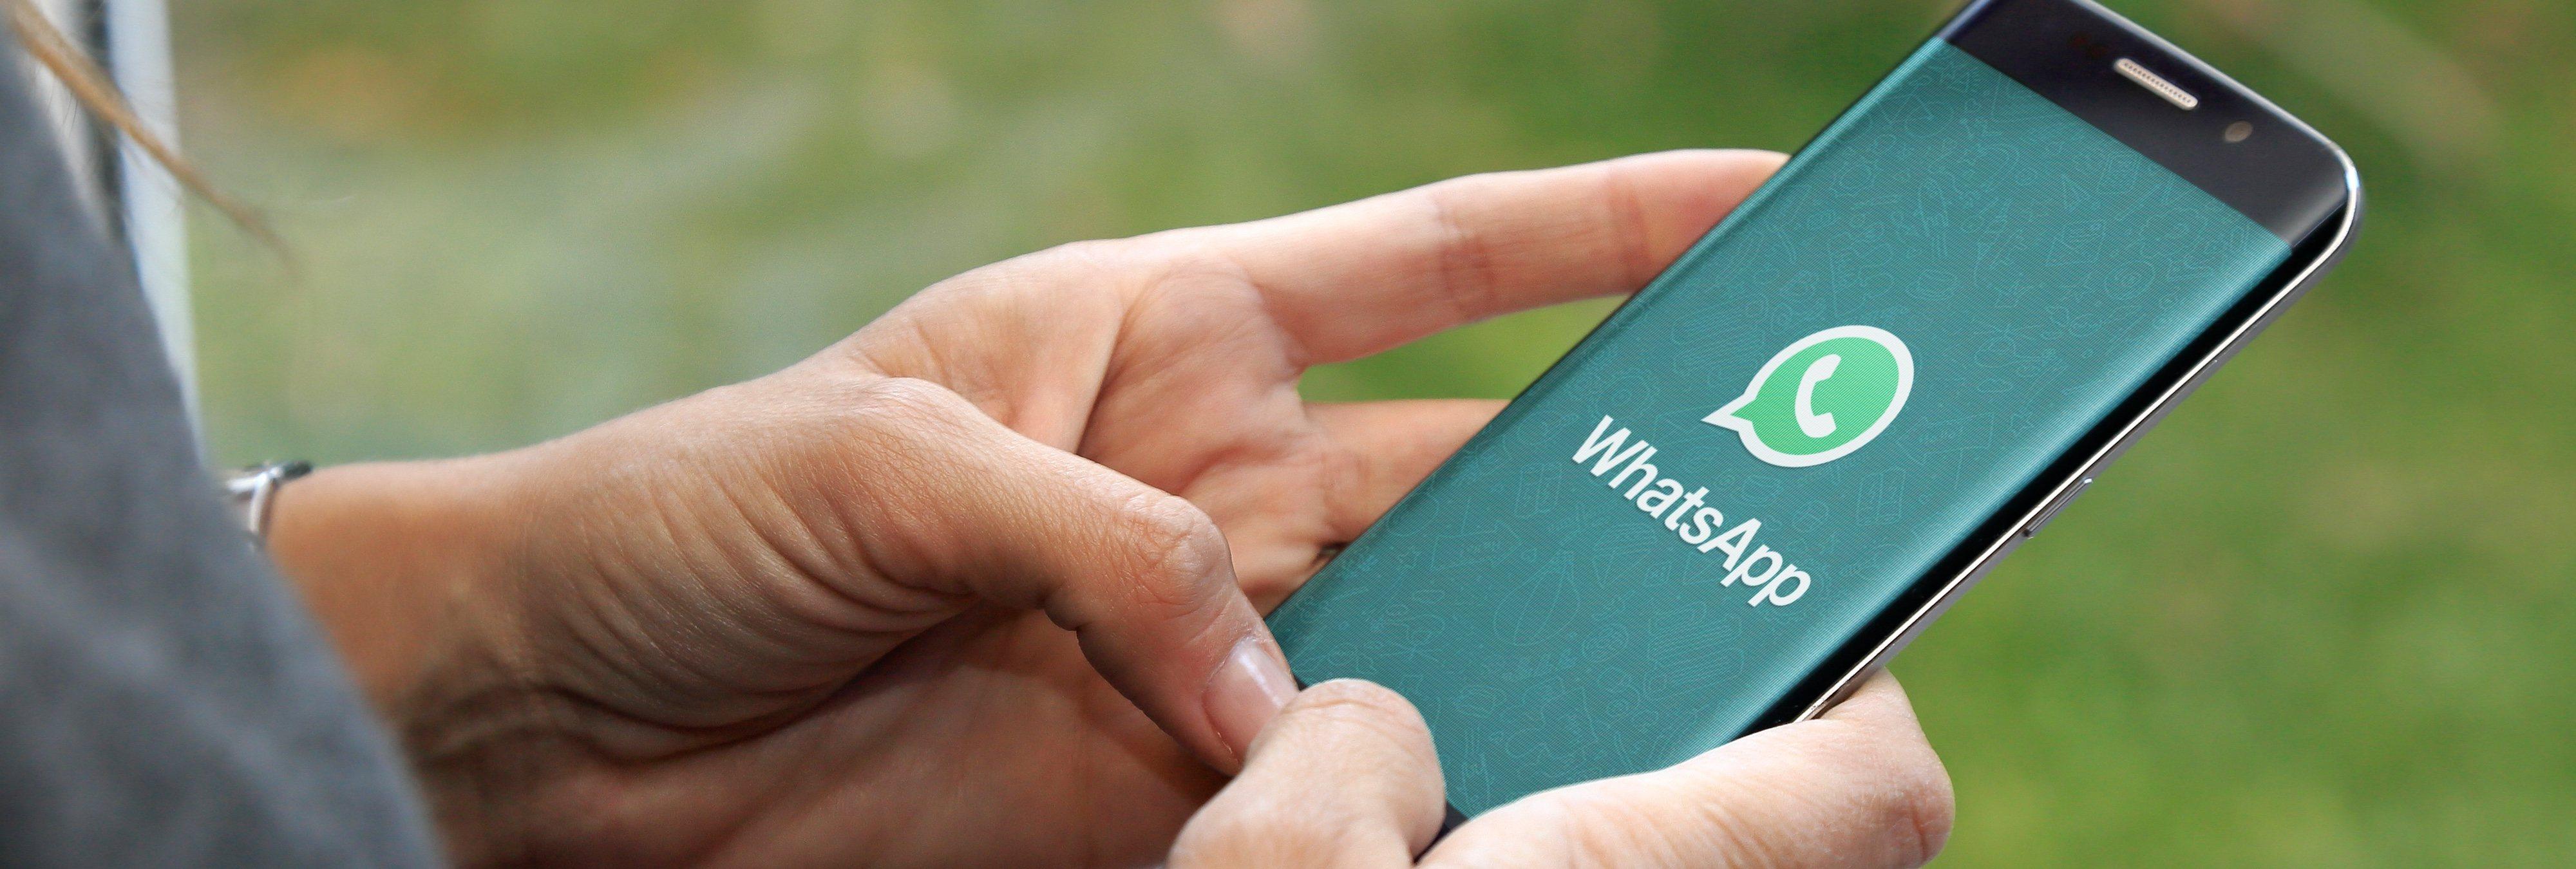 3 maneras de leer los mensajes de WhatsApp sin que nadie vea que estás 'en línea'